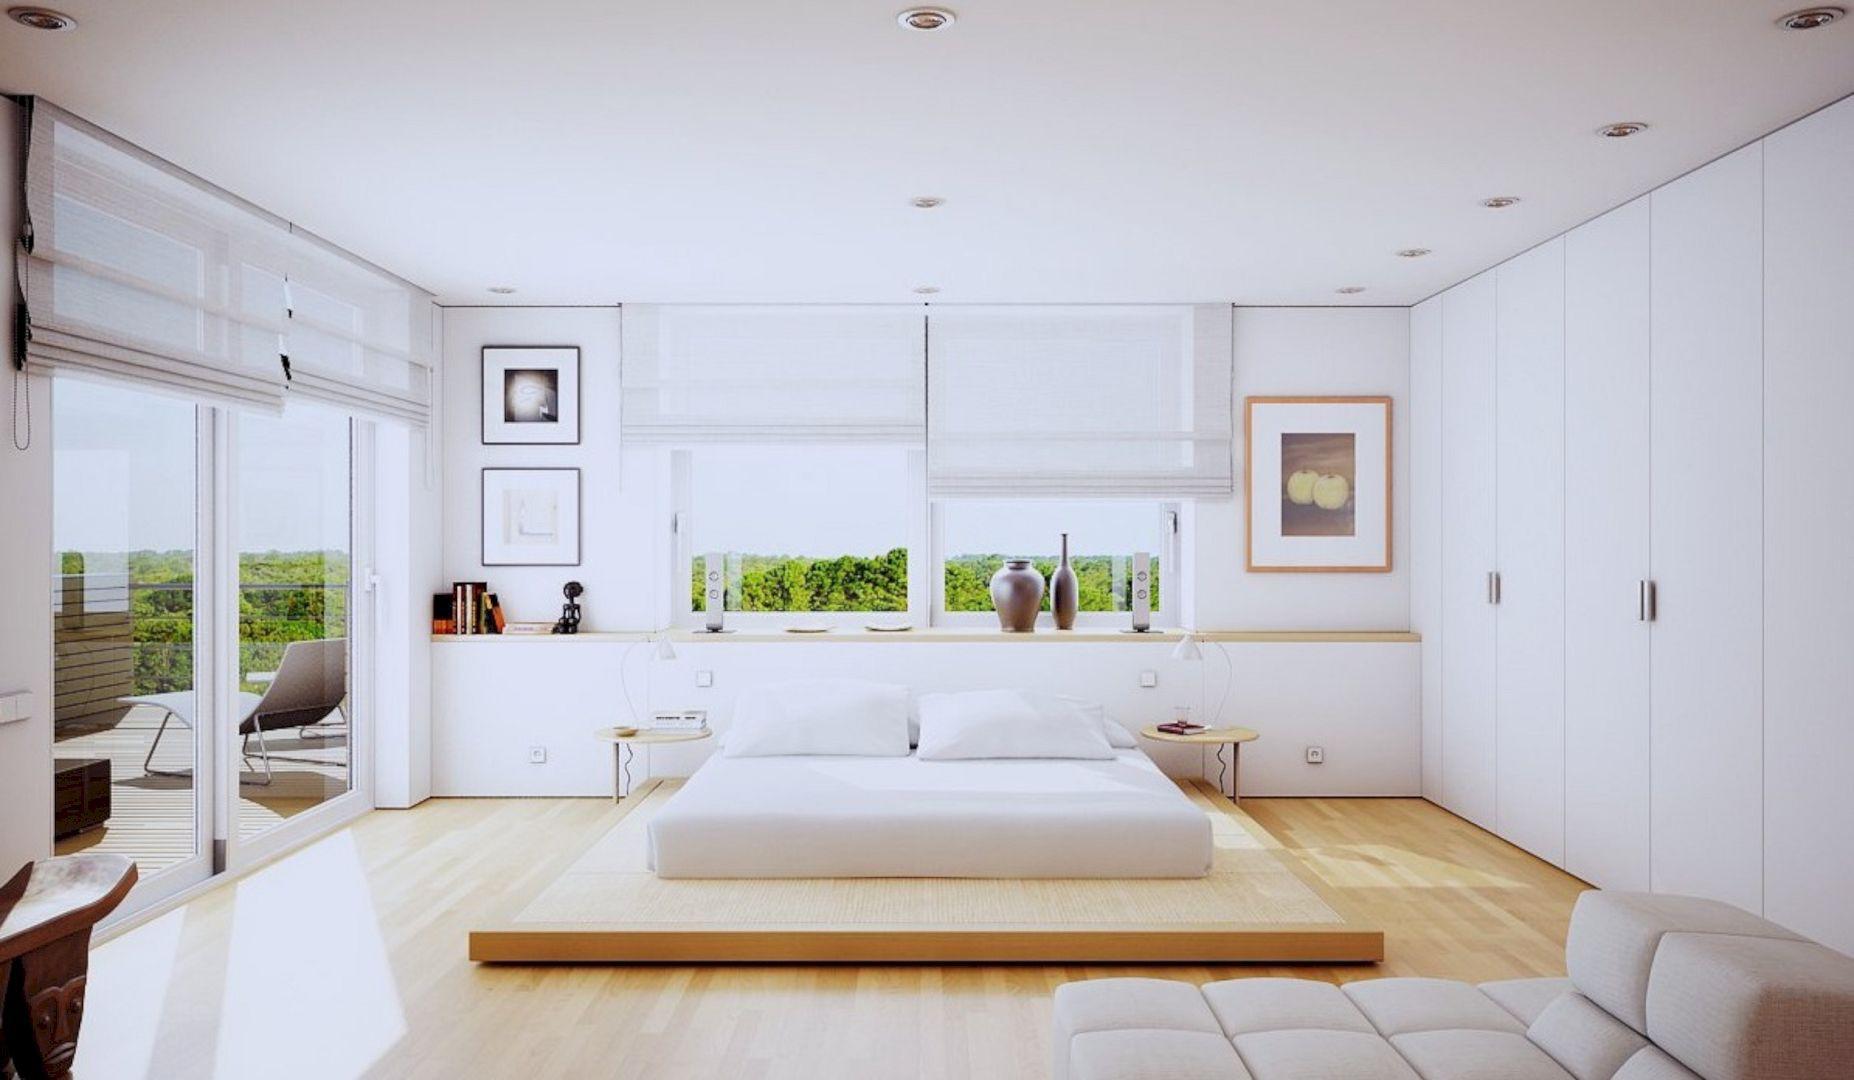 trang trí phòng ngủ không có giường